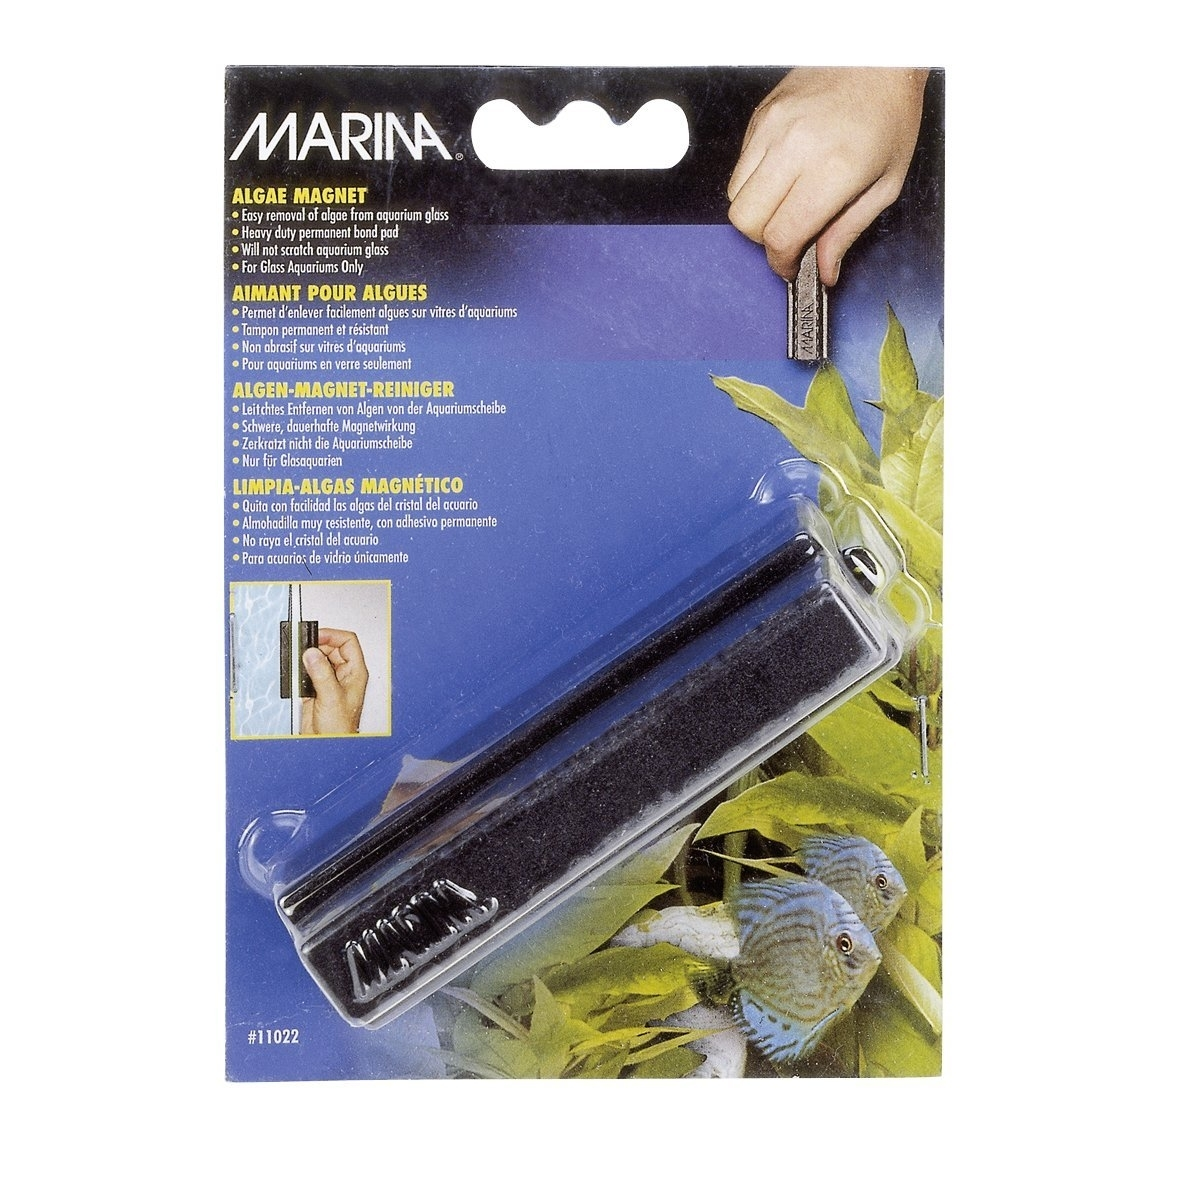 Hagen Marina Algenmagnet-Reiniger für Aquarium, groß, 8,5 x 6,0 x 3,5 cm